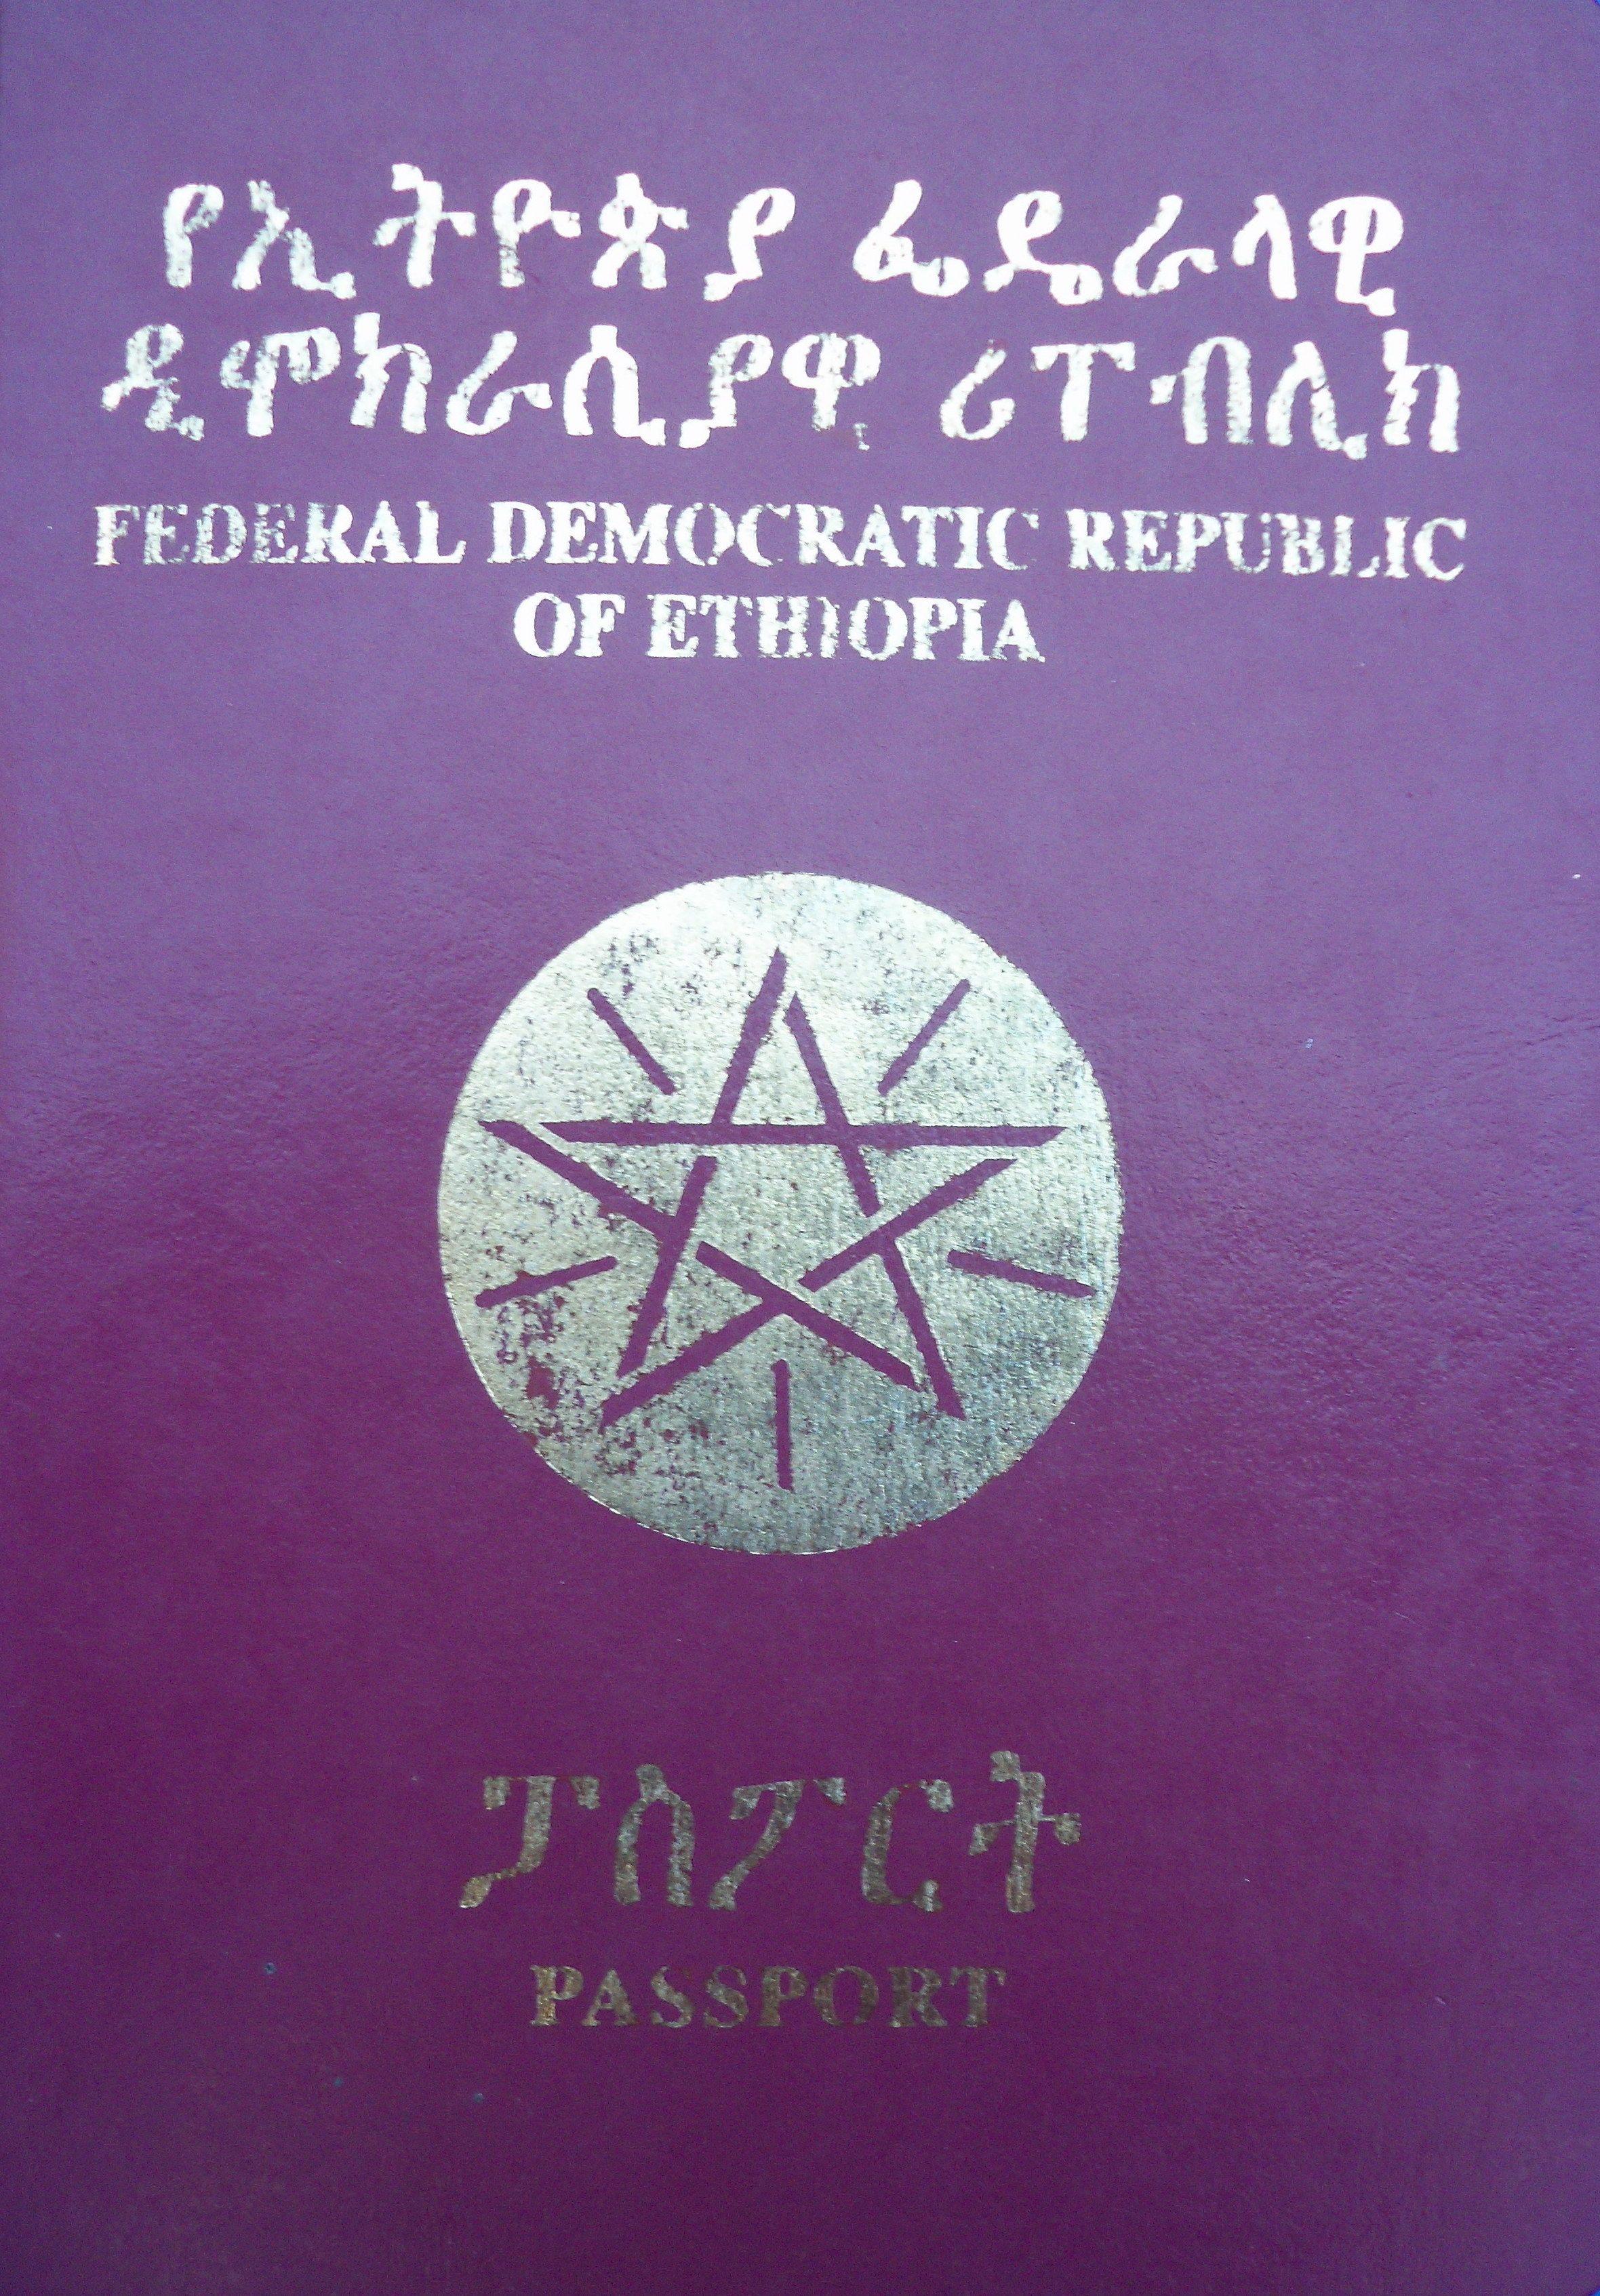 Ethiopian passport - Wikipedia, the free encyclopedia | 1080